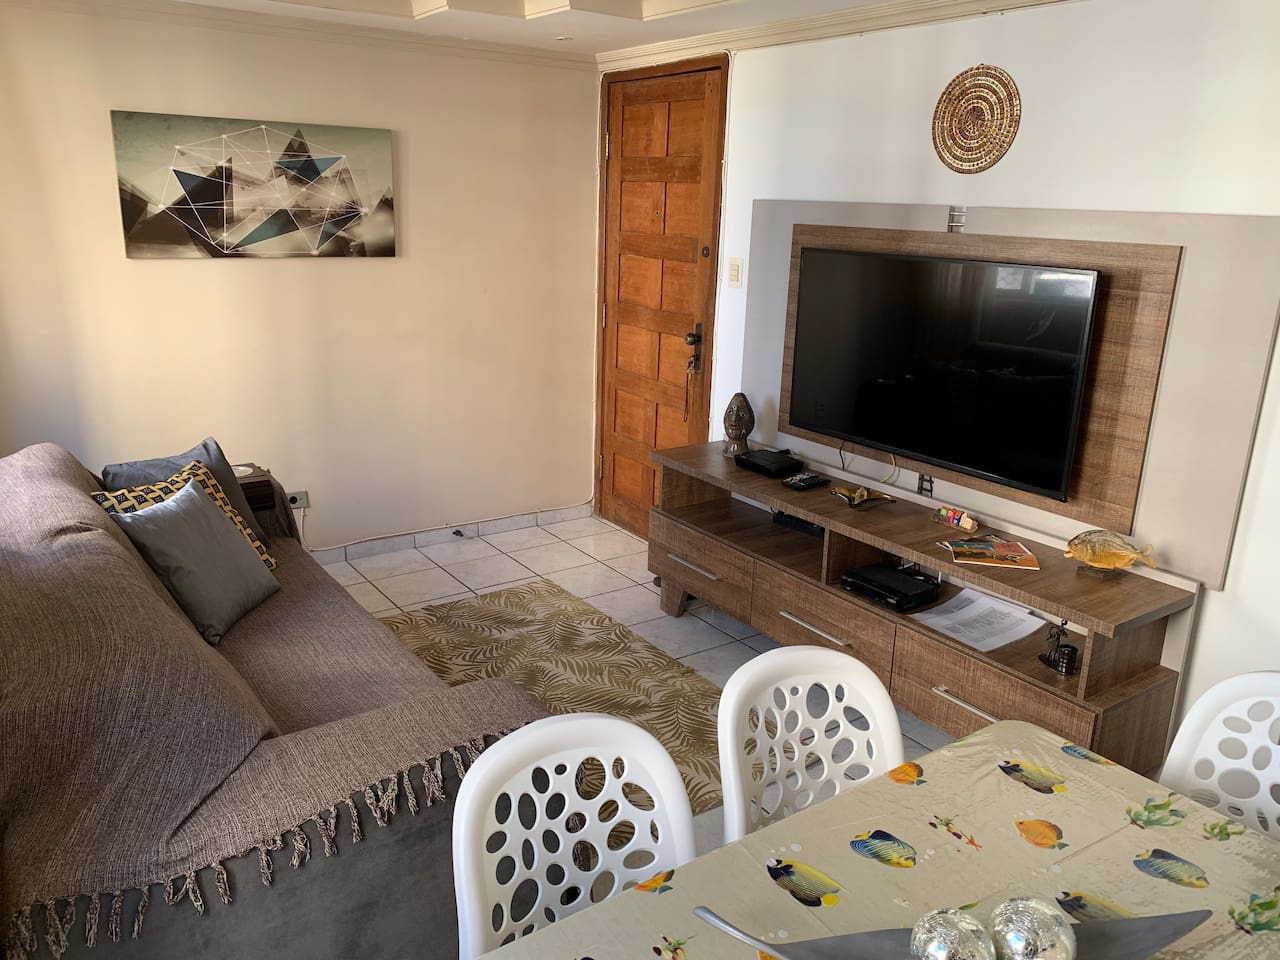 """Sala de estar c/ rack, TV 50"""" c/ NET canais à cabo, WI-FI 35 MB + NETFLIX e sofá-cama retrátil. Decoração c/ almofadas, tapete, mandala, quadros e mini-esculturas."""